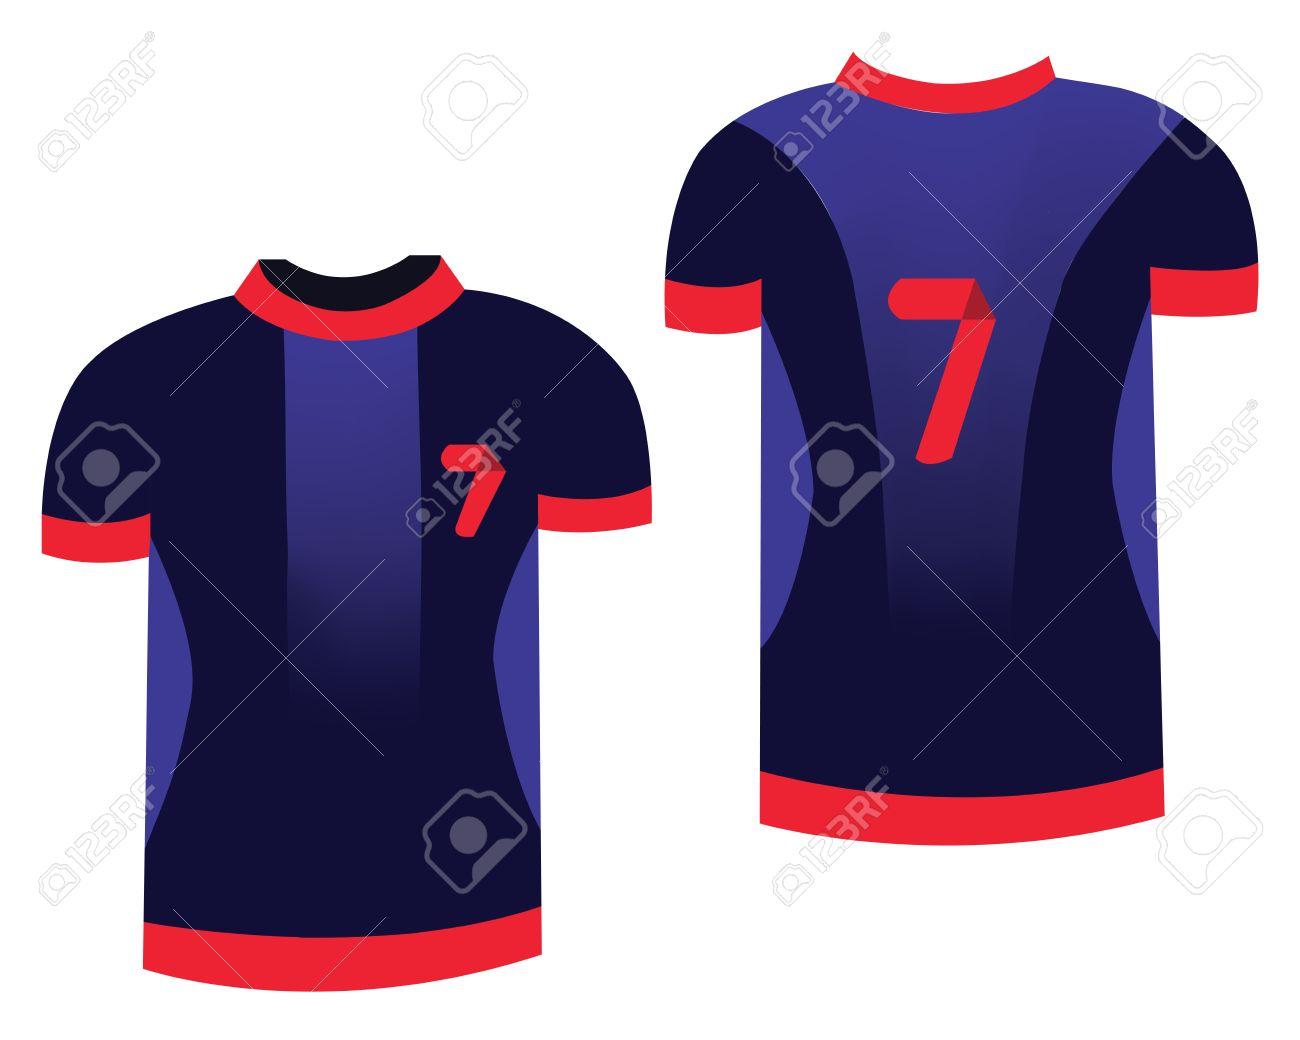 91042129a3370 Foto de archivo - Uniforme de fútbol Deportes. Camiseta deportiva para los  jugadores de fútbol. Ilustración de la manera en el fondo blanco.